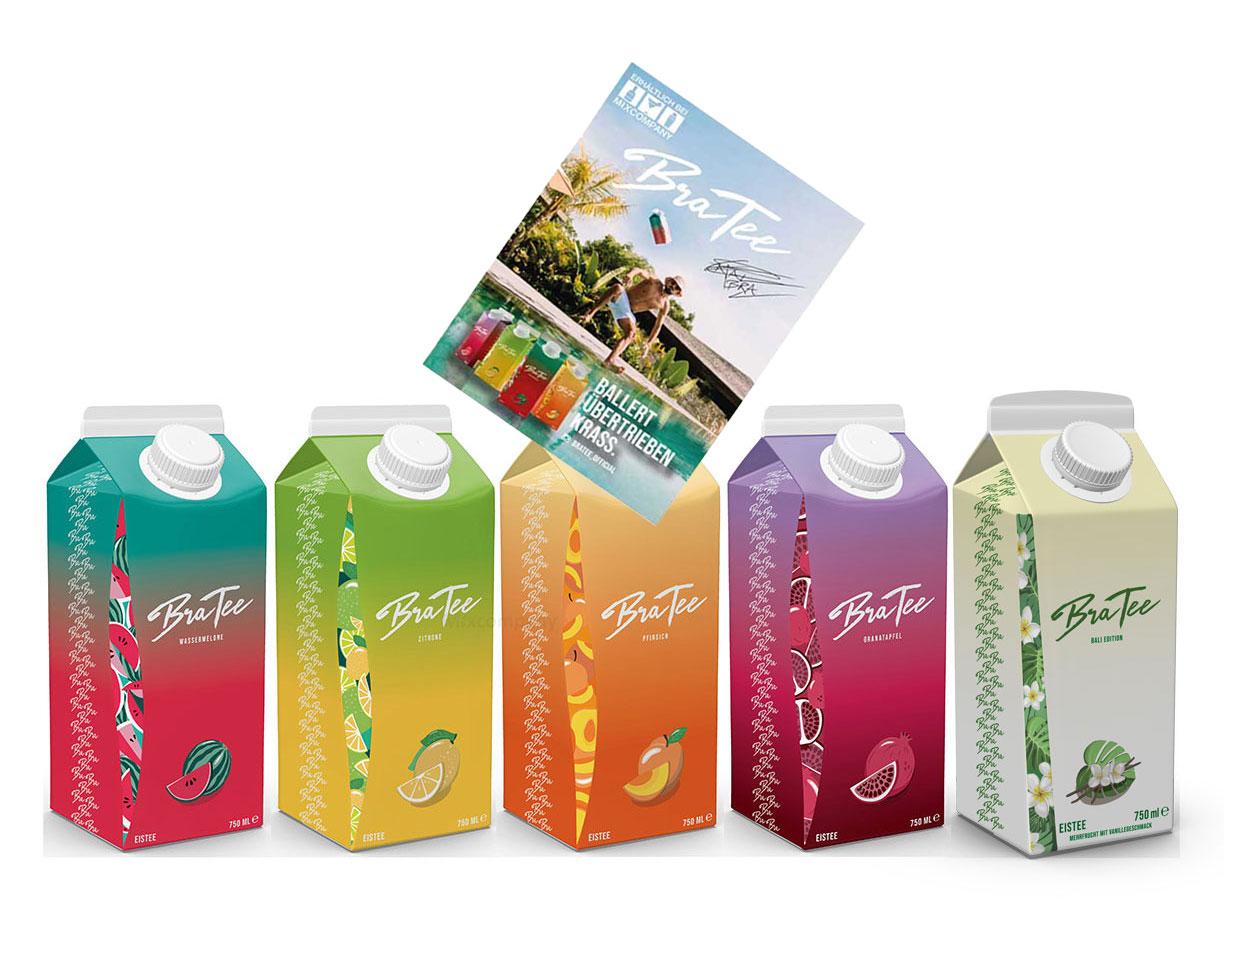 Capital BraTee 5er Tasting Set Eistee mit Special Bali Edition je 750ml + Autogrammkarte BRATEE Limited Edition Ice tea Wassermelone + Zitrone + Pfirsich + Granatapfel + Mehrfrucht mit Vanillegeschmack